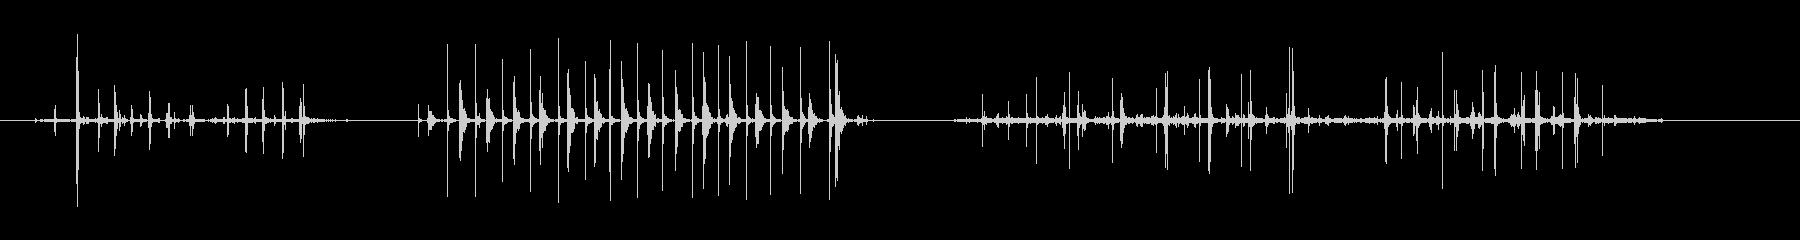 石けり遊び、縄跳び-3バージョンの未再生の波形